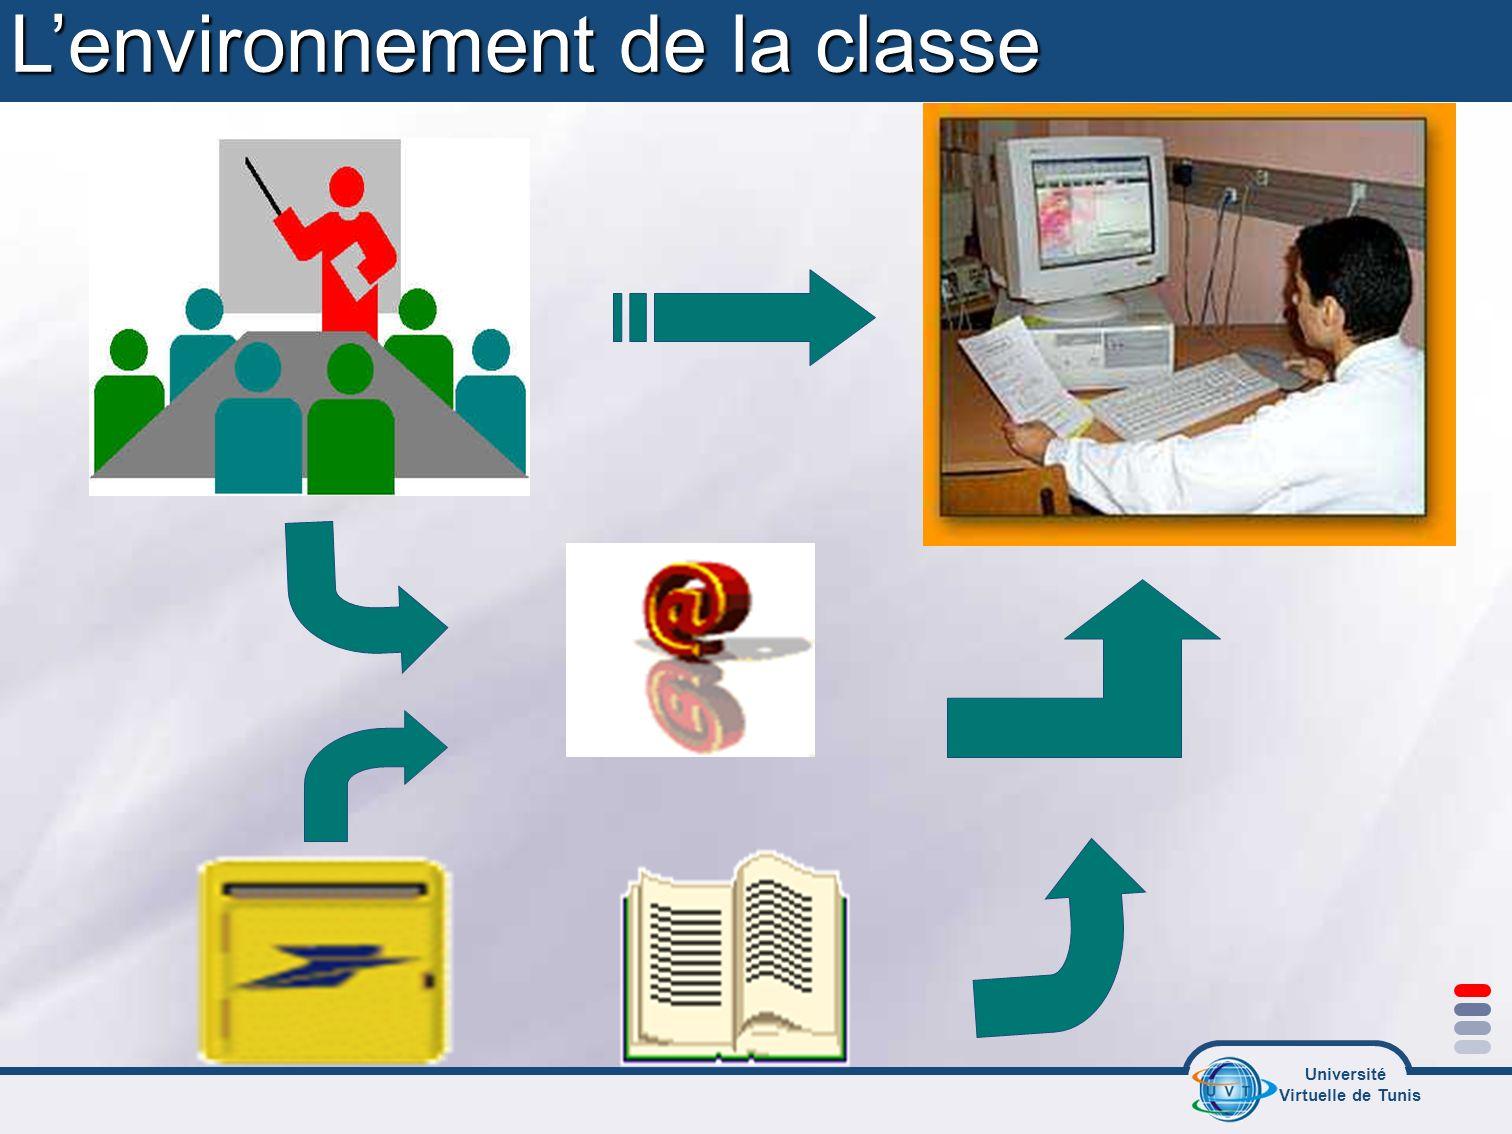 L'environnement de la classe